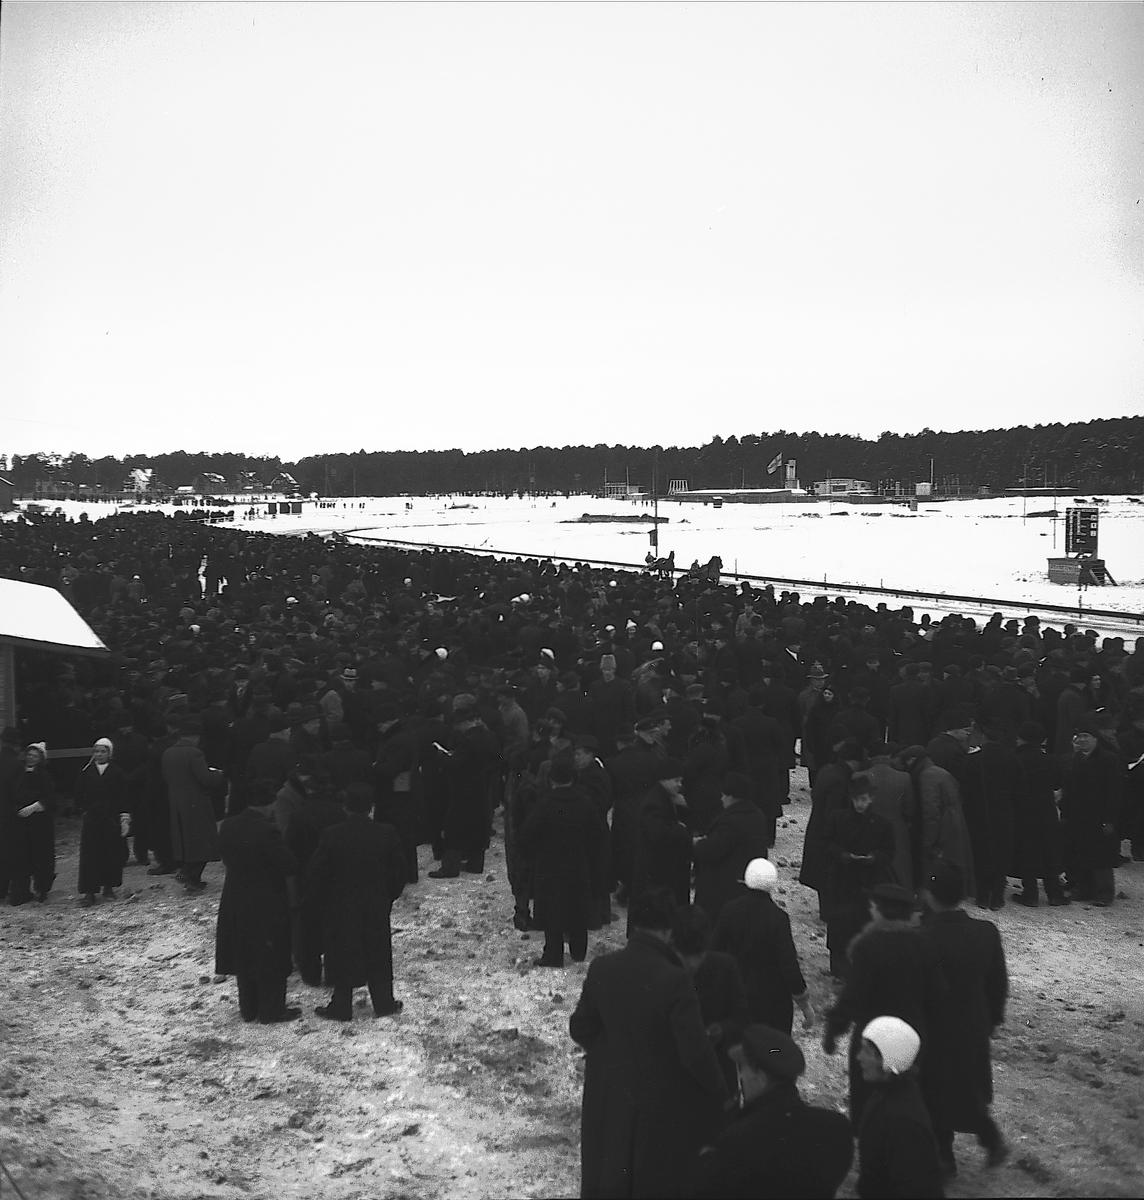 År 1937. Gefle-Dala Travbana. Publik. Reportage för Gefle Dagblad